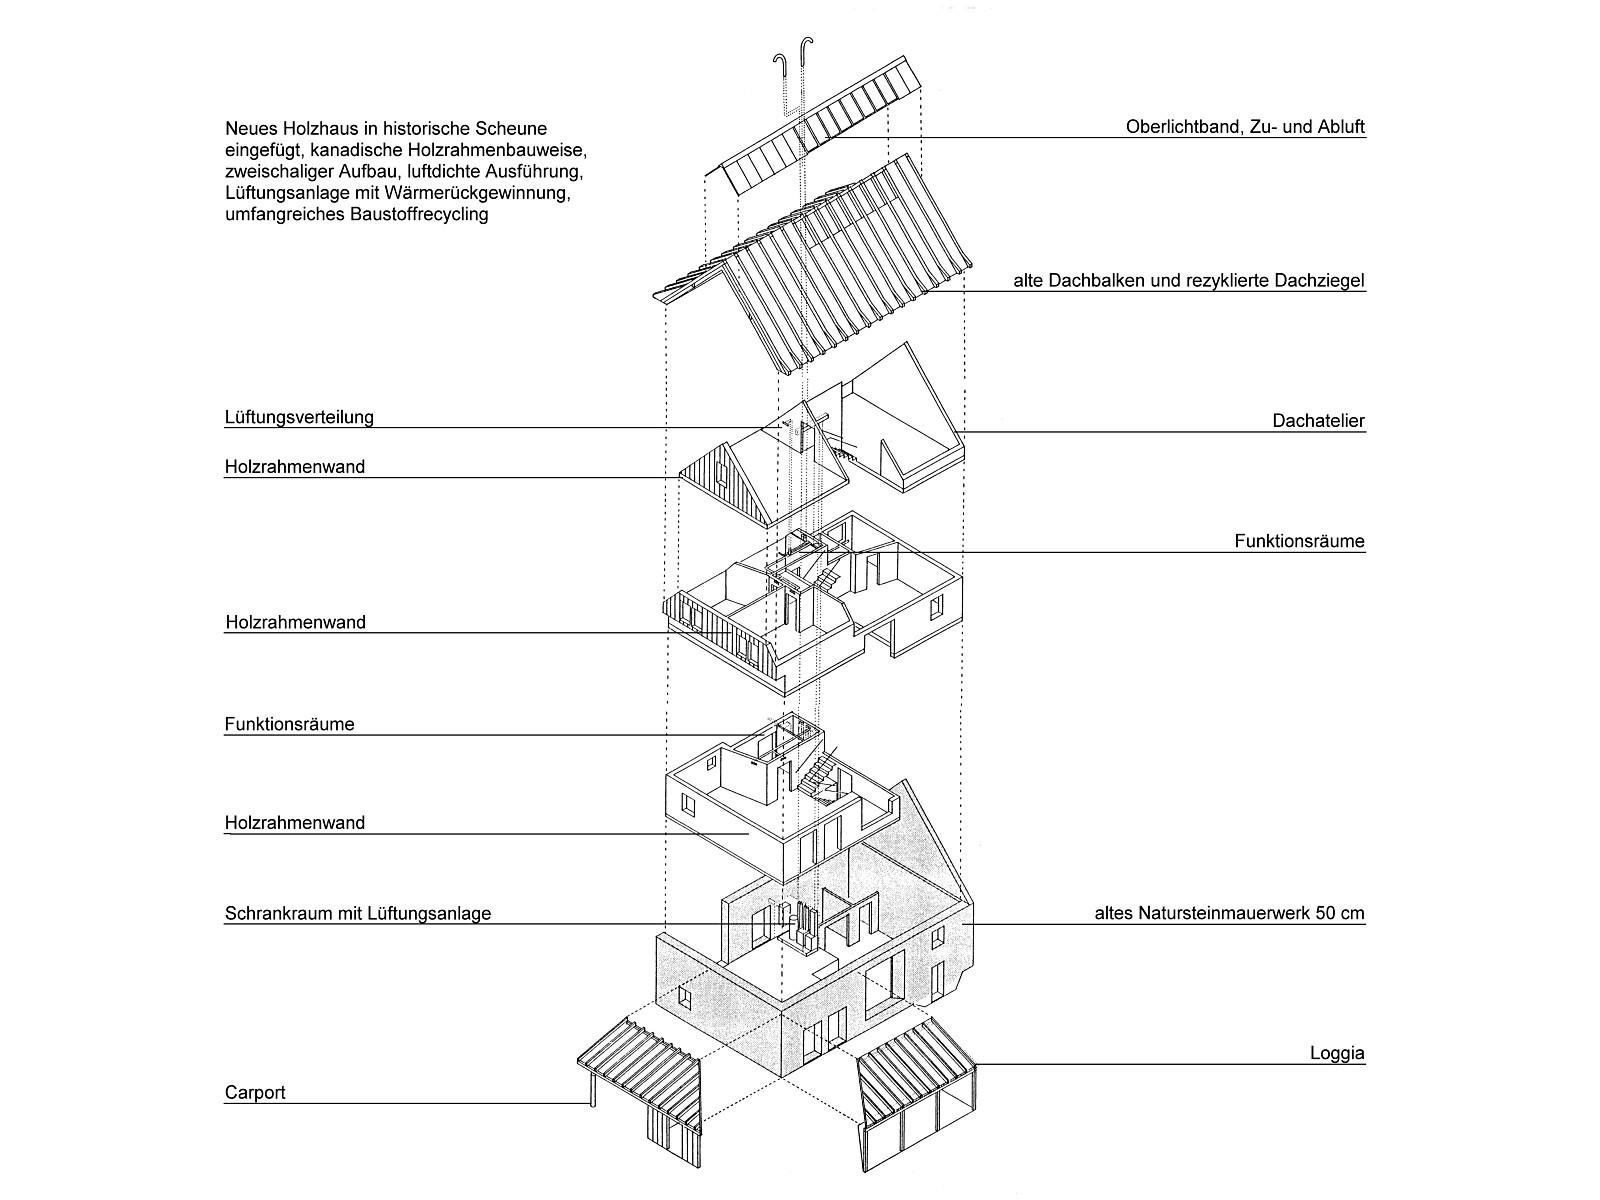 Raum- und Energiestruktur